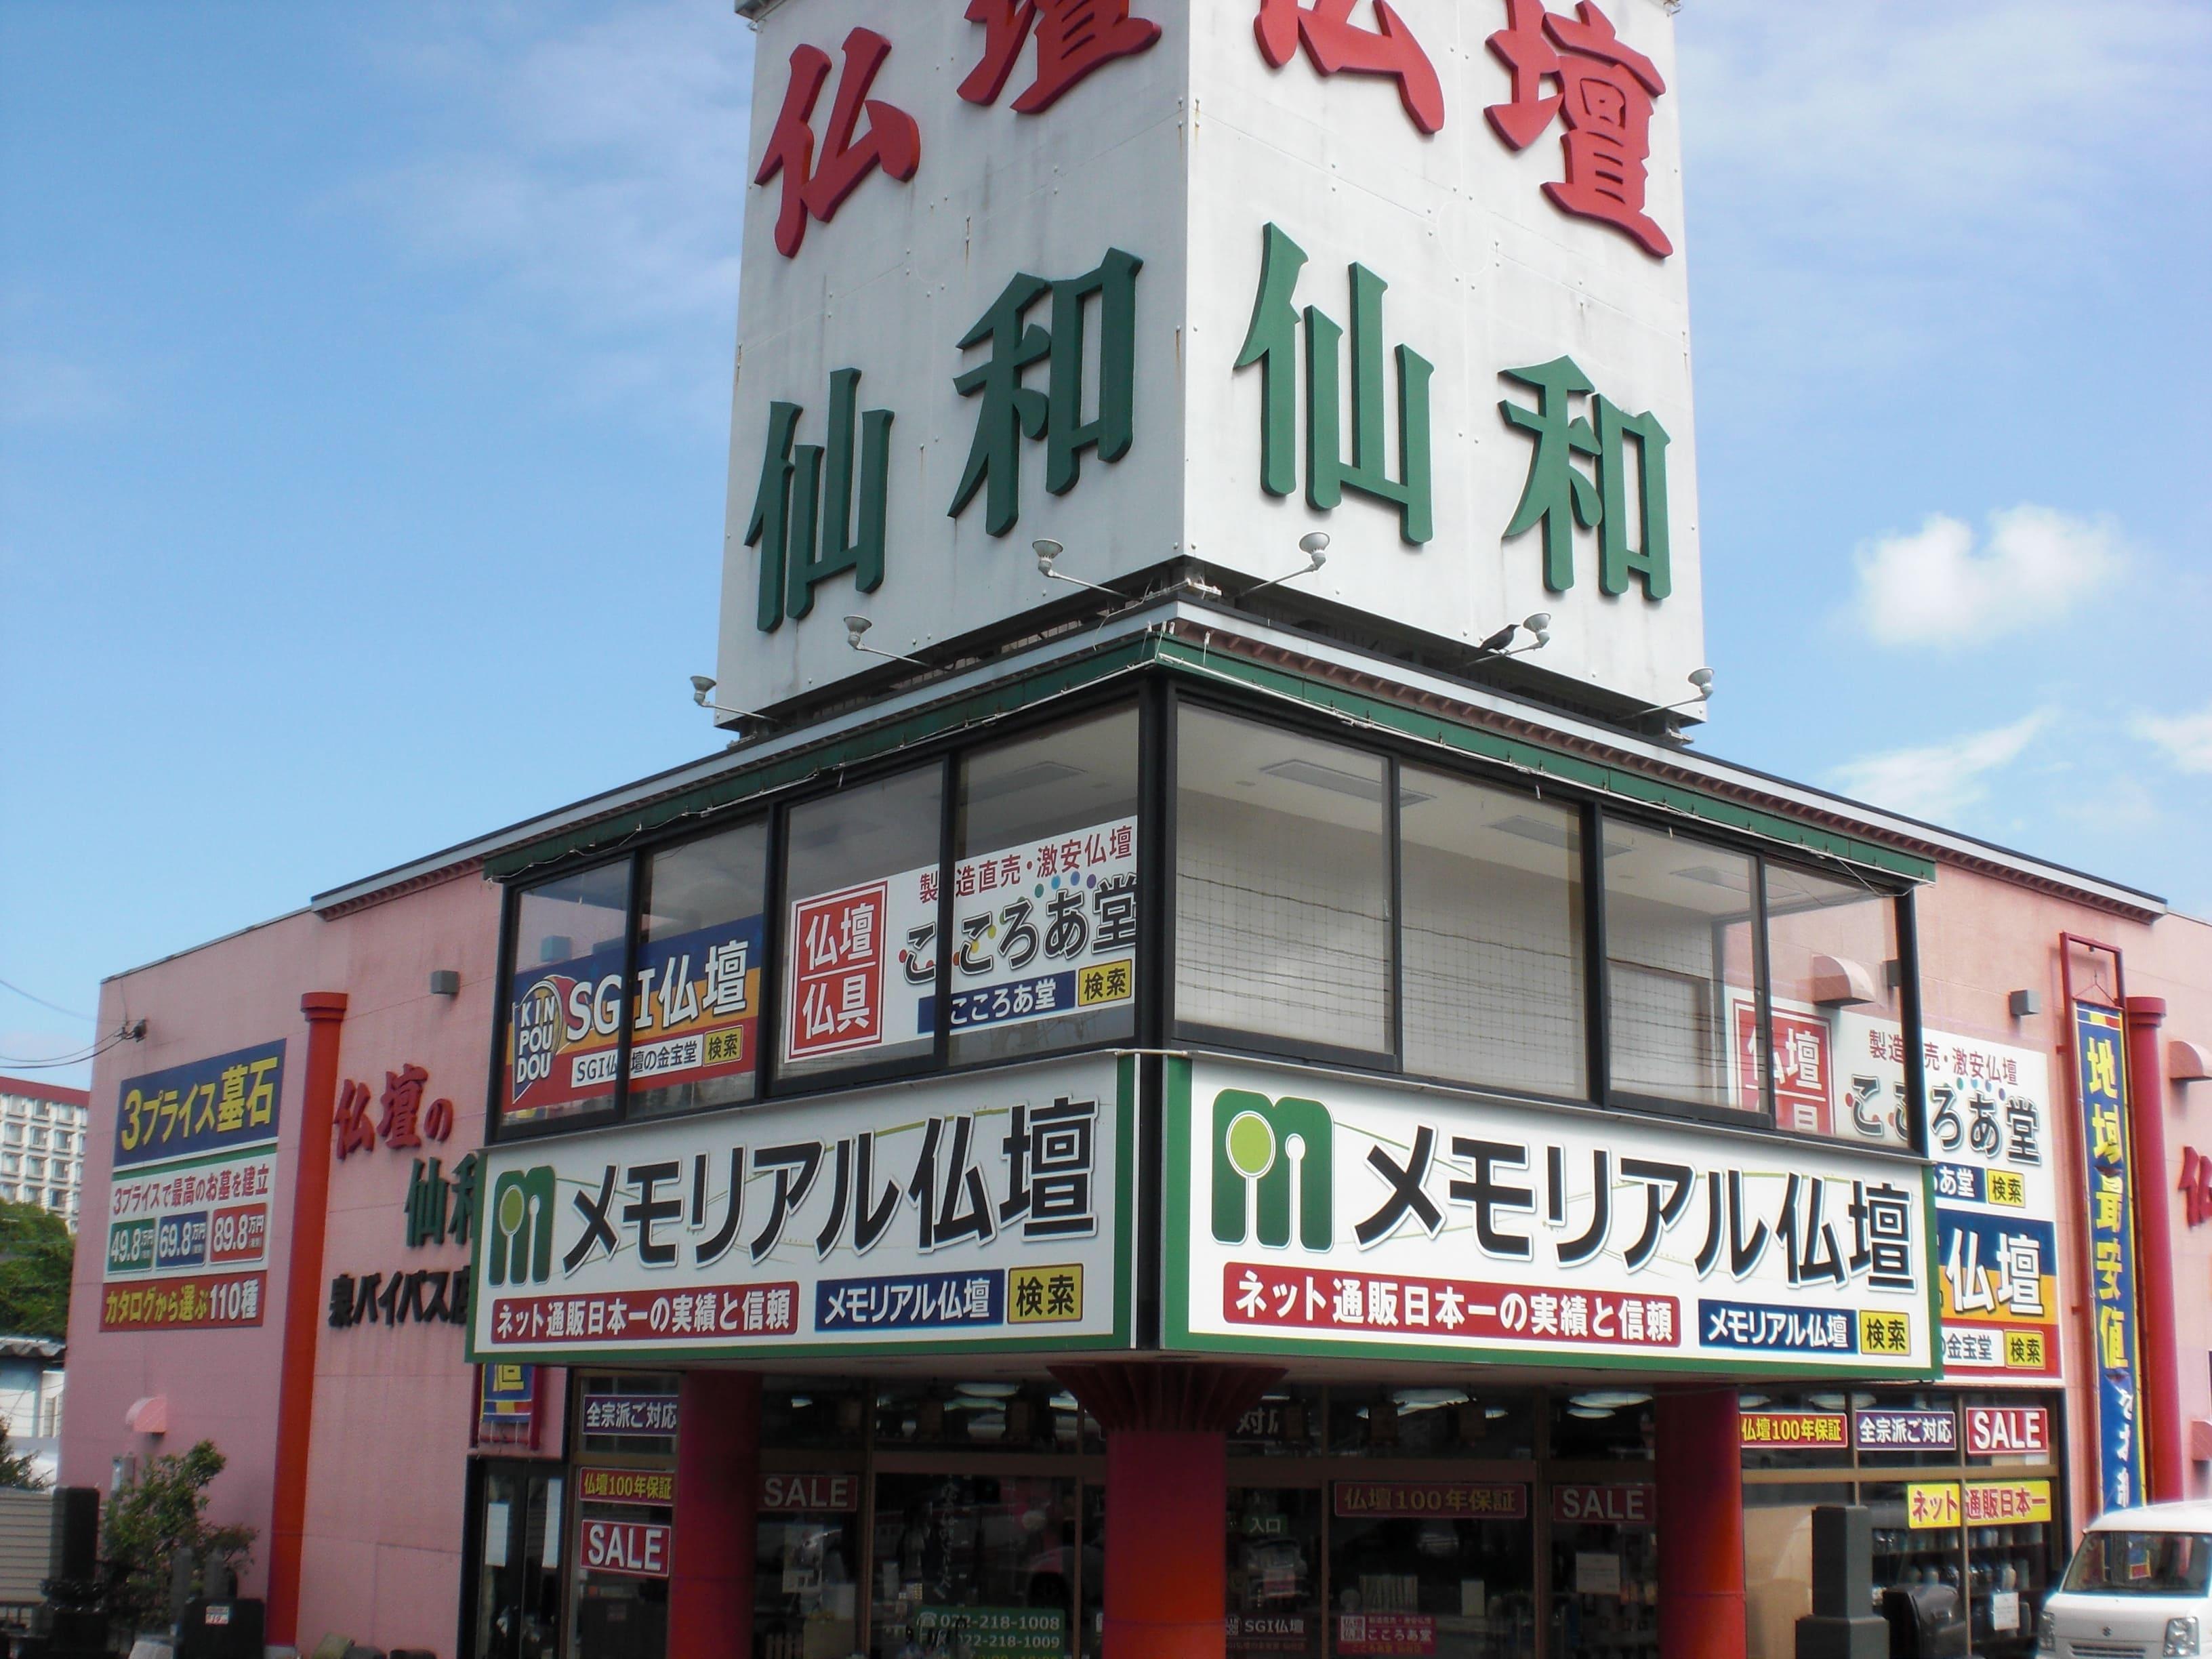 国道4号線沿いにある店舗外観